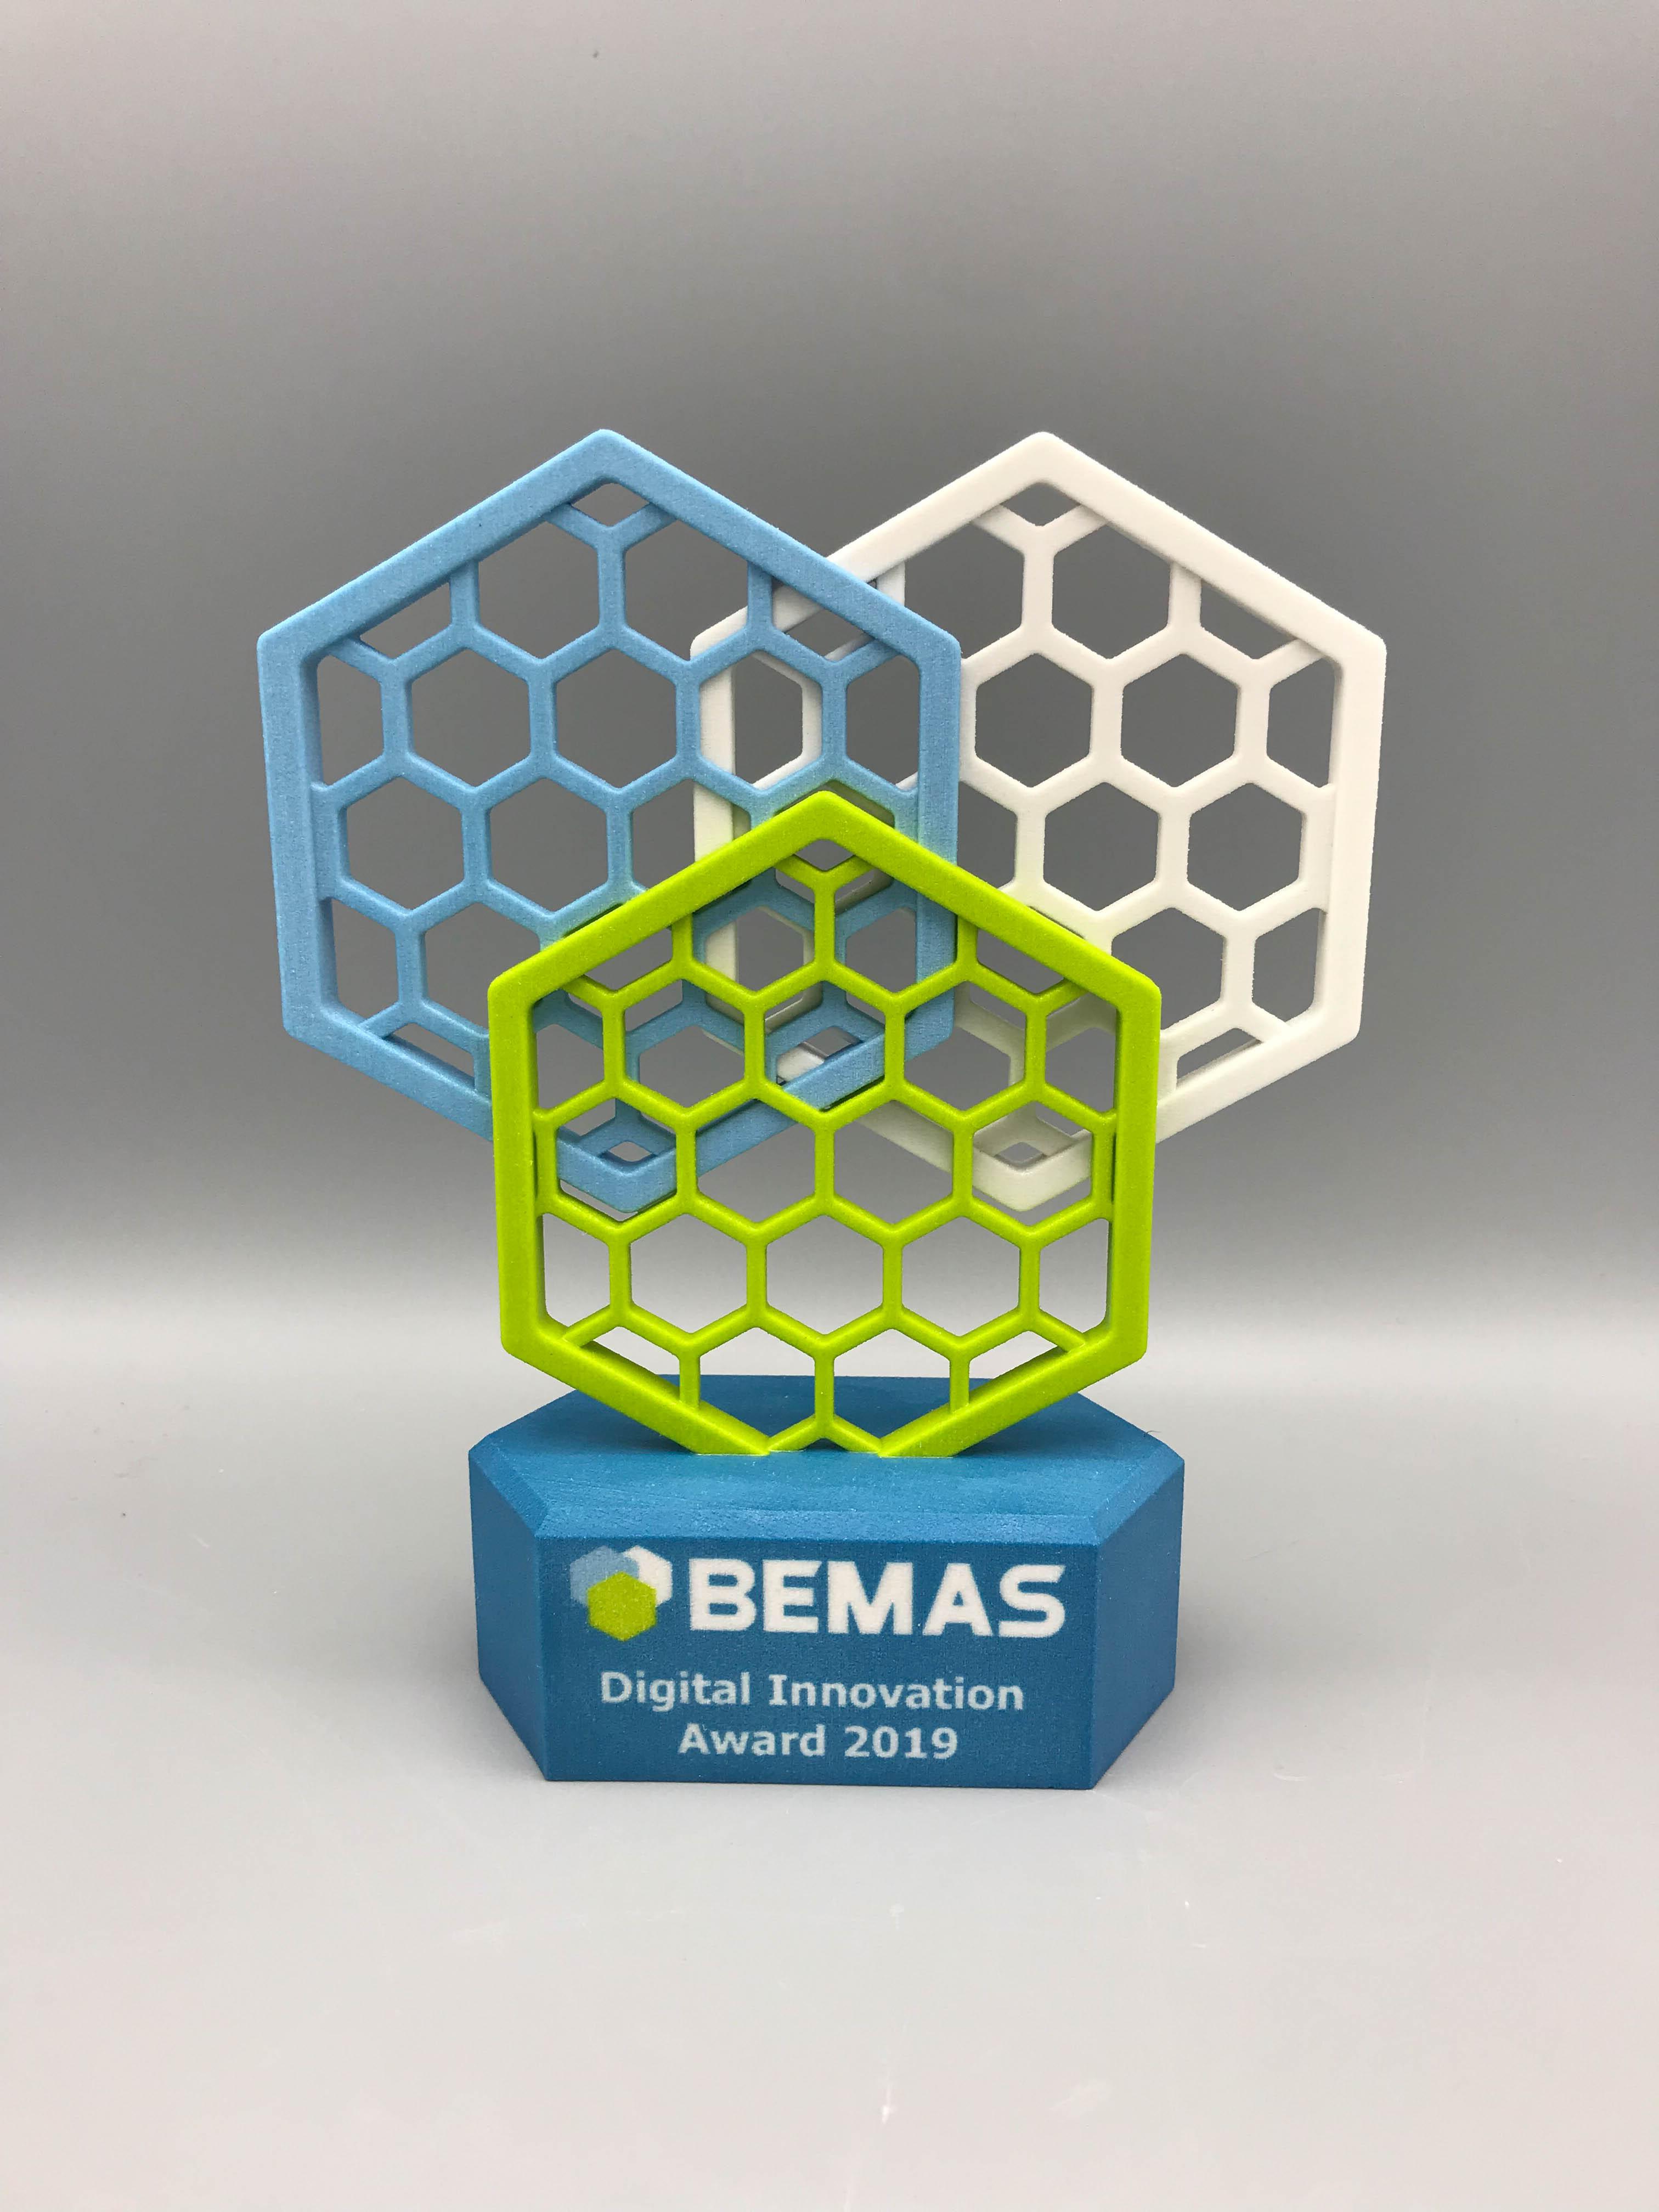 BEMAS digital Innovation Award colour print & design